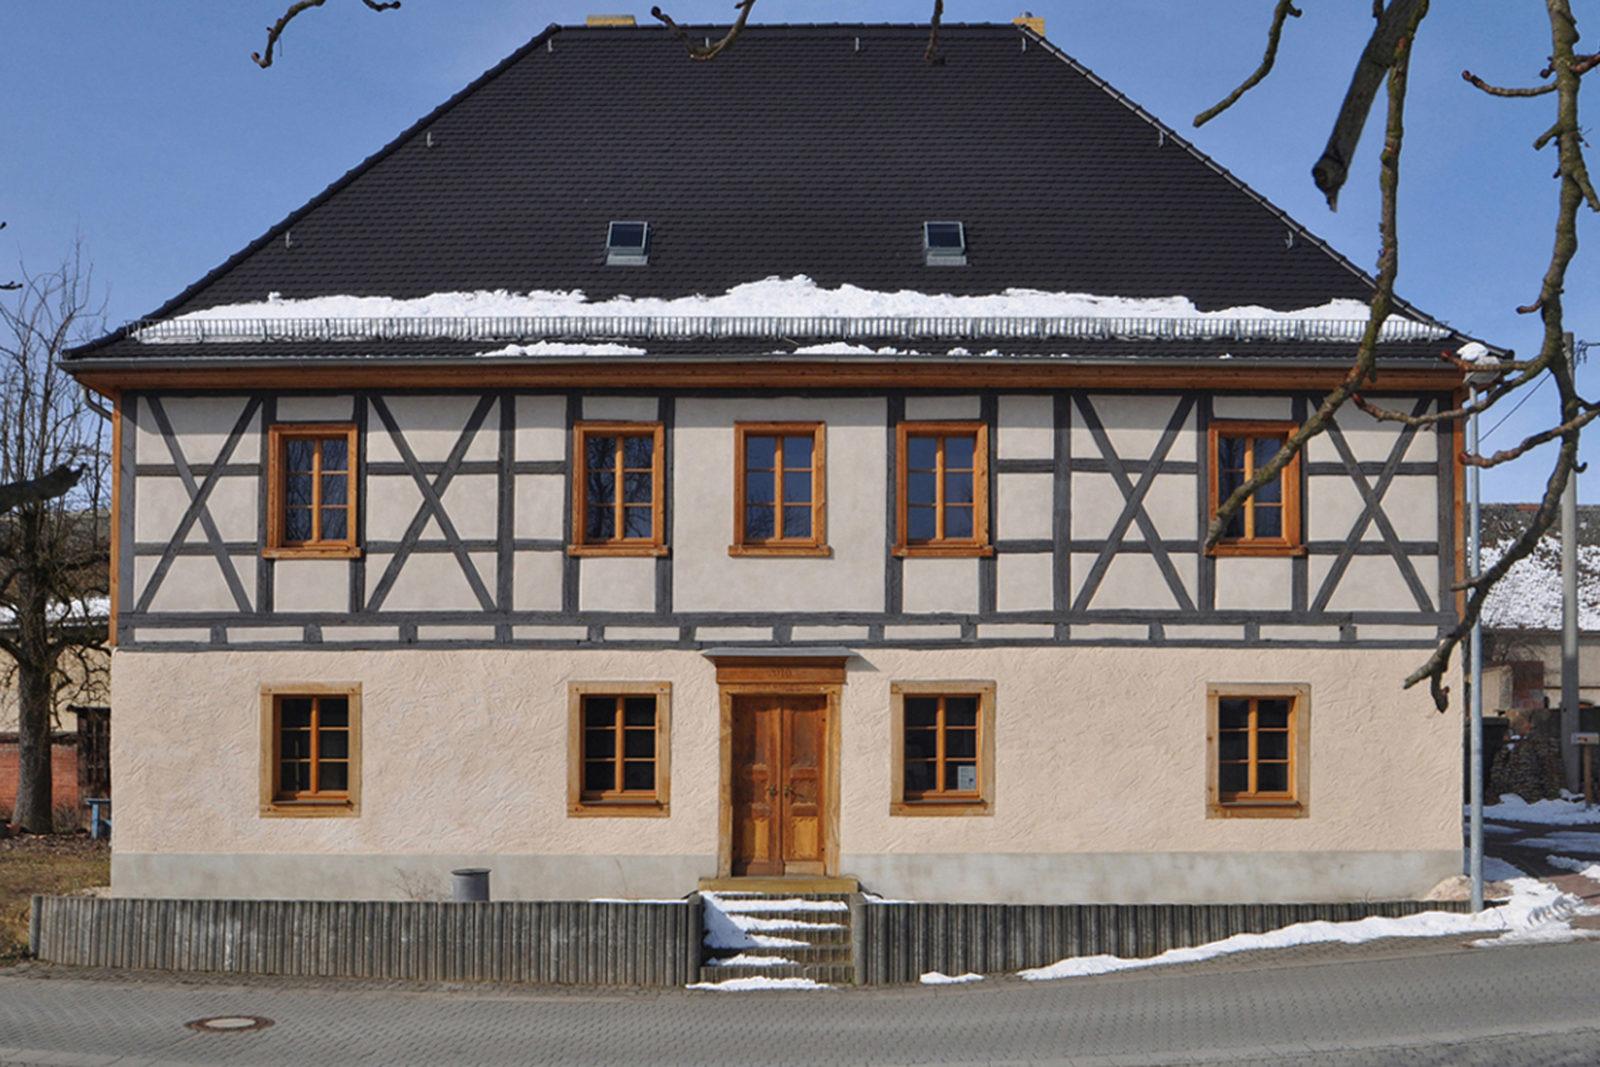 Umbau und Sanierung Baudenkmal Rentmeisterhaus in Püchau - Blick von der Straße